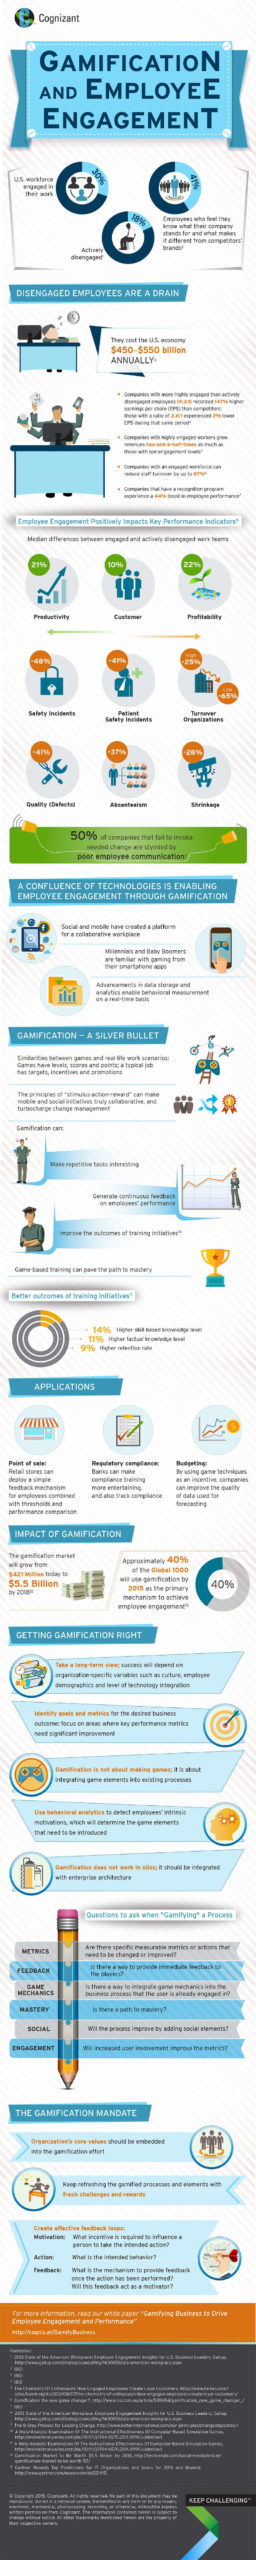 Infografik Einsatzbereiche für Gamification